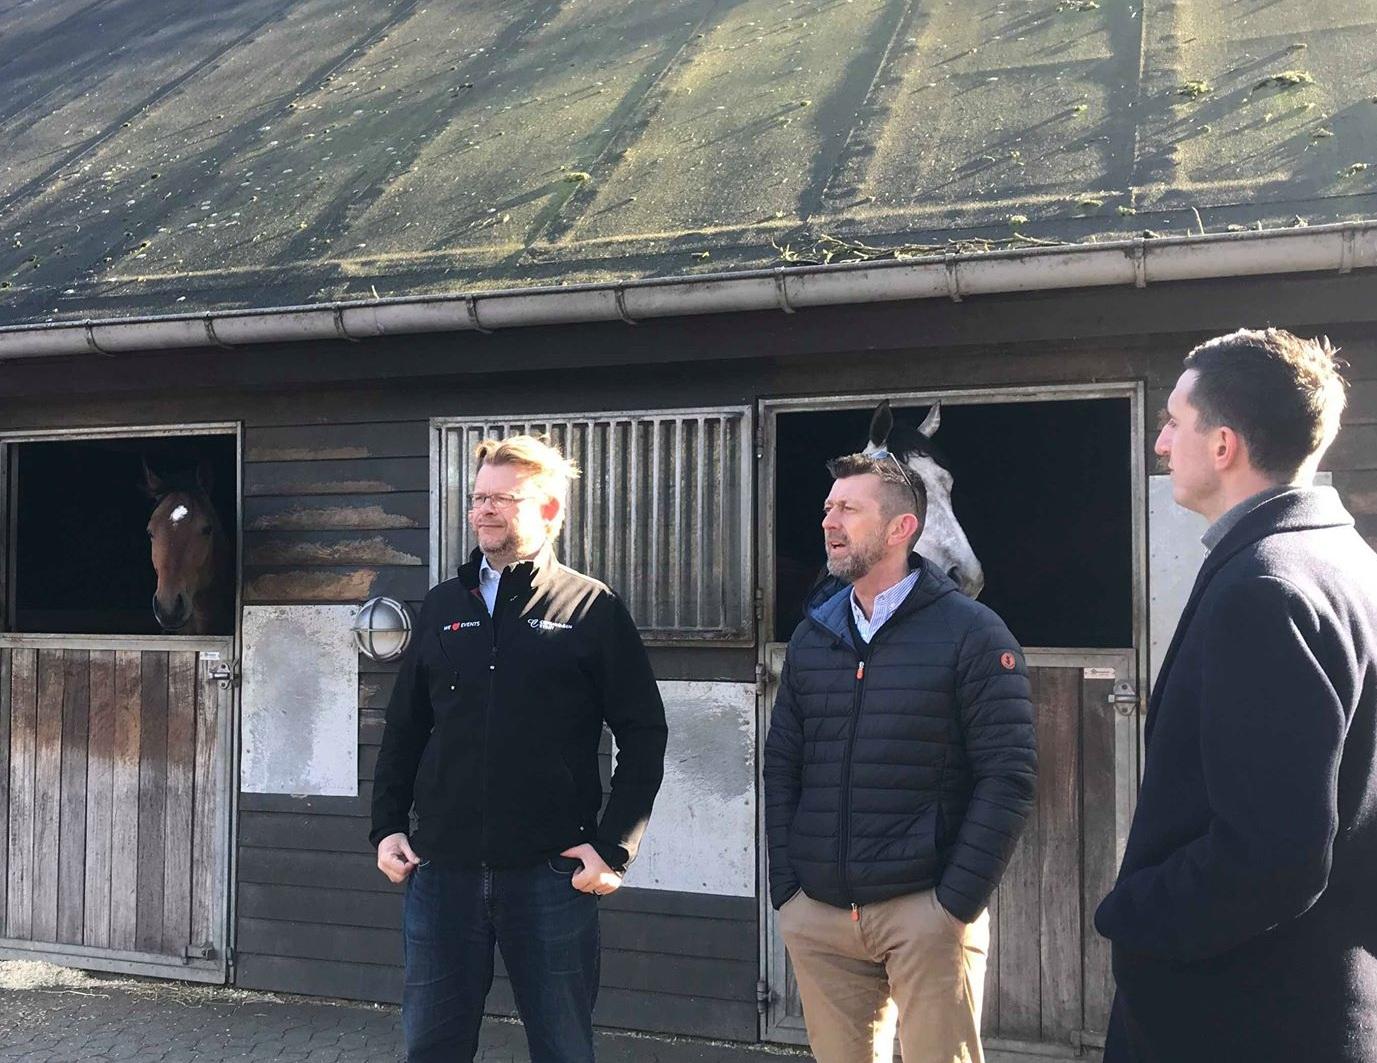 Direktør på Klampenborg Galopbane, Carsten Baagøe Schou (tv) viser Peter Brüchmann og Jonas Hebo Rasmussen rundt i staldene.